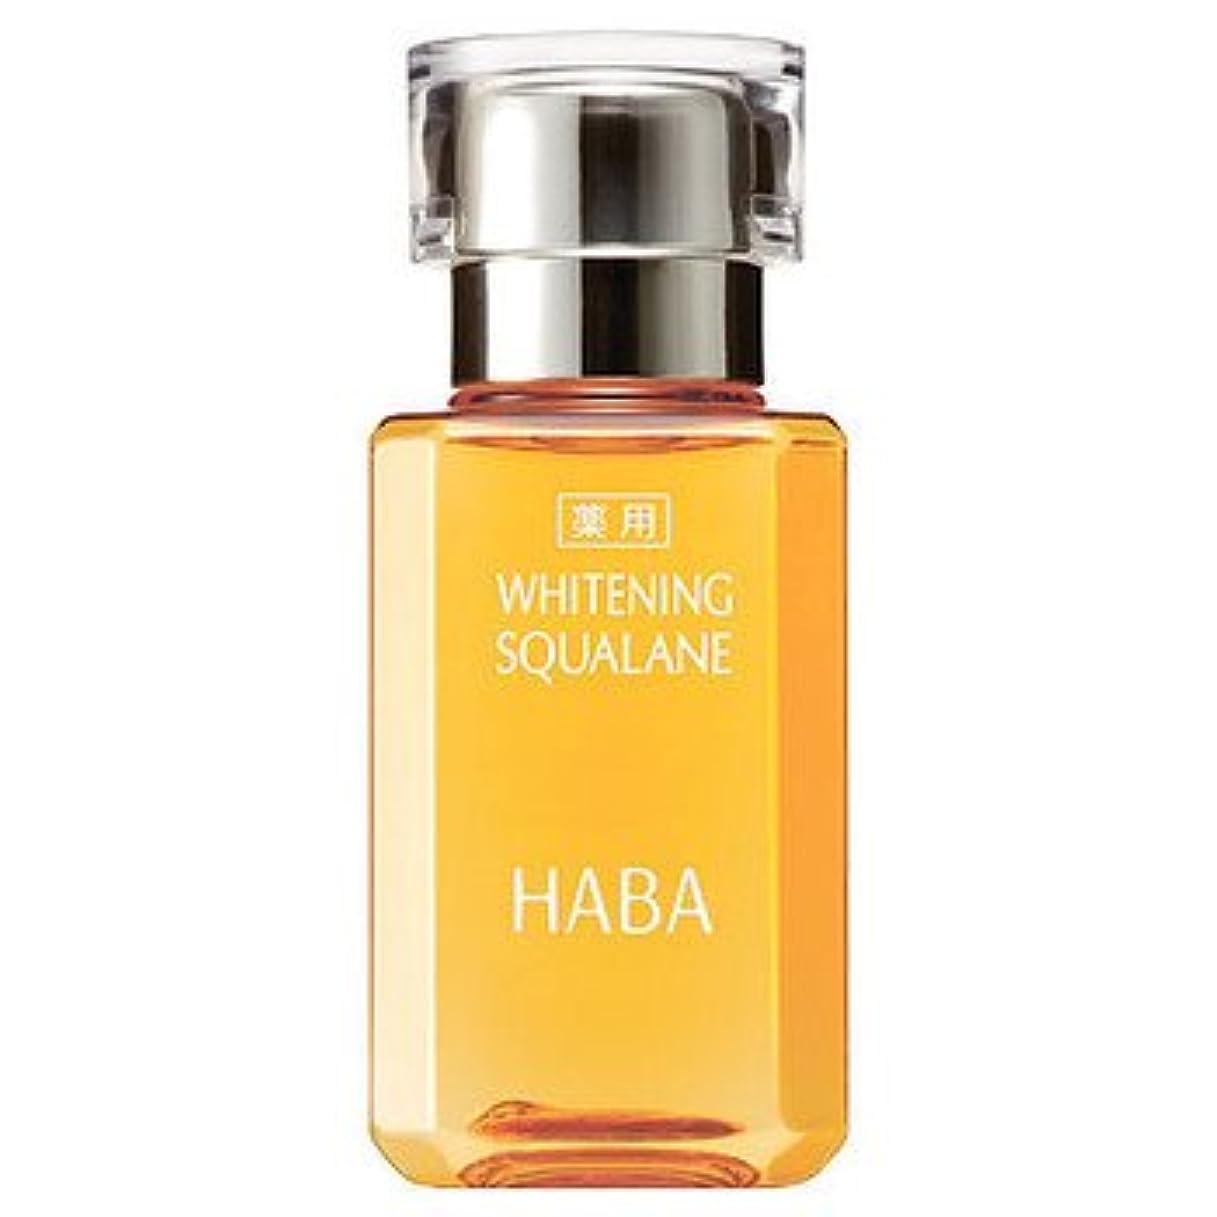 スライム大工慣性HABA ハーバー 薬用ホワイトニングスクワラン 30ml フェイスオイル (医薬部外品) [並行輸入品]